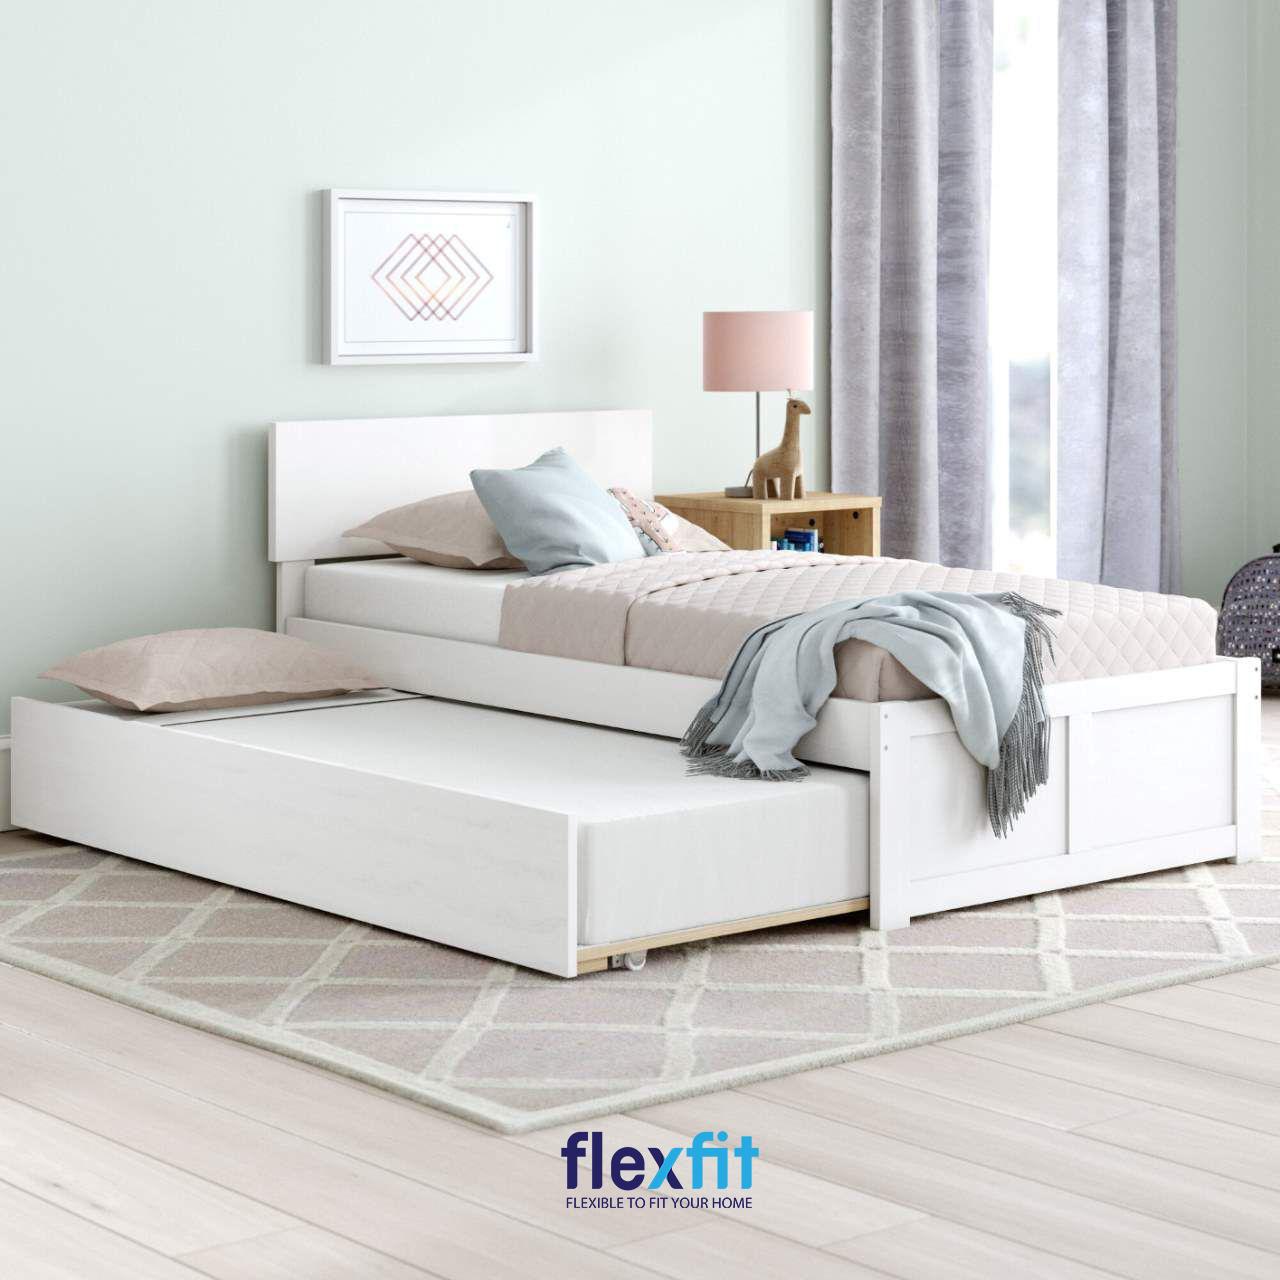 Giường ngủ 2 tầng thấp là sự lựa chọn tuyệt vời mang đến cuộc sống tiện nghi, hiện đại.